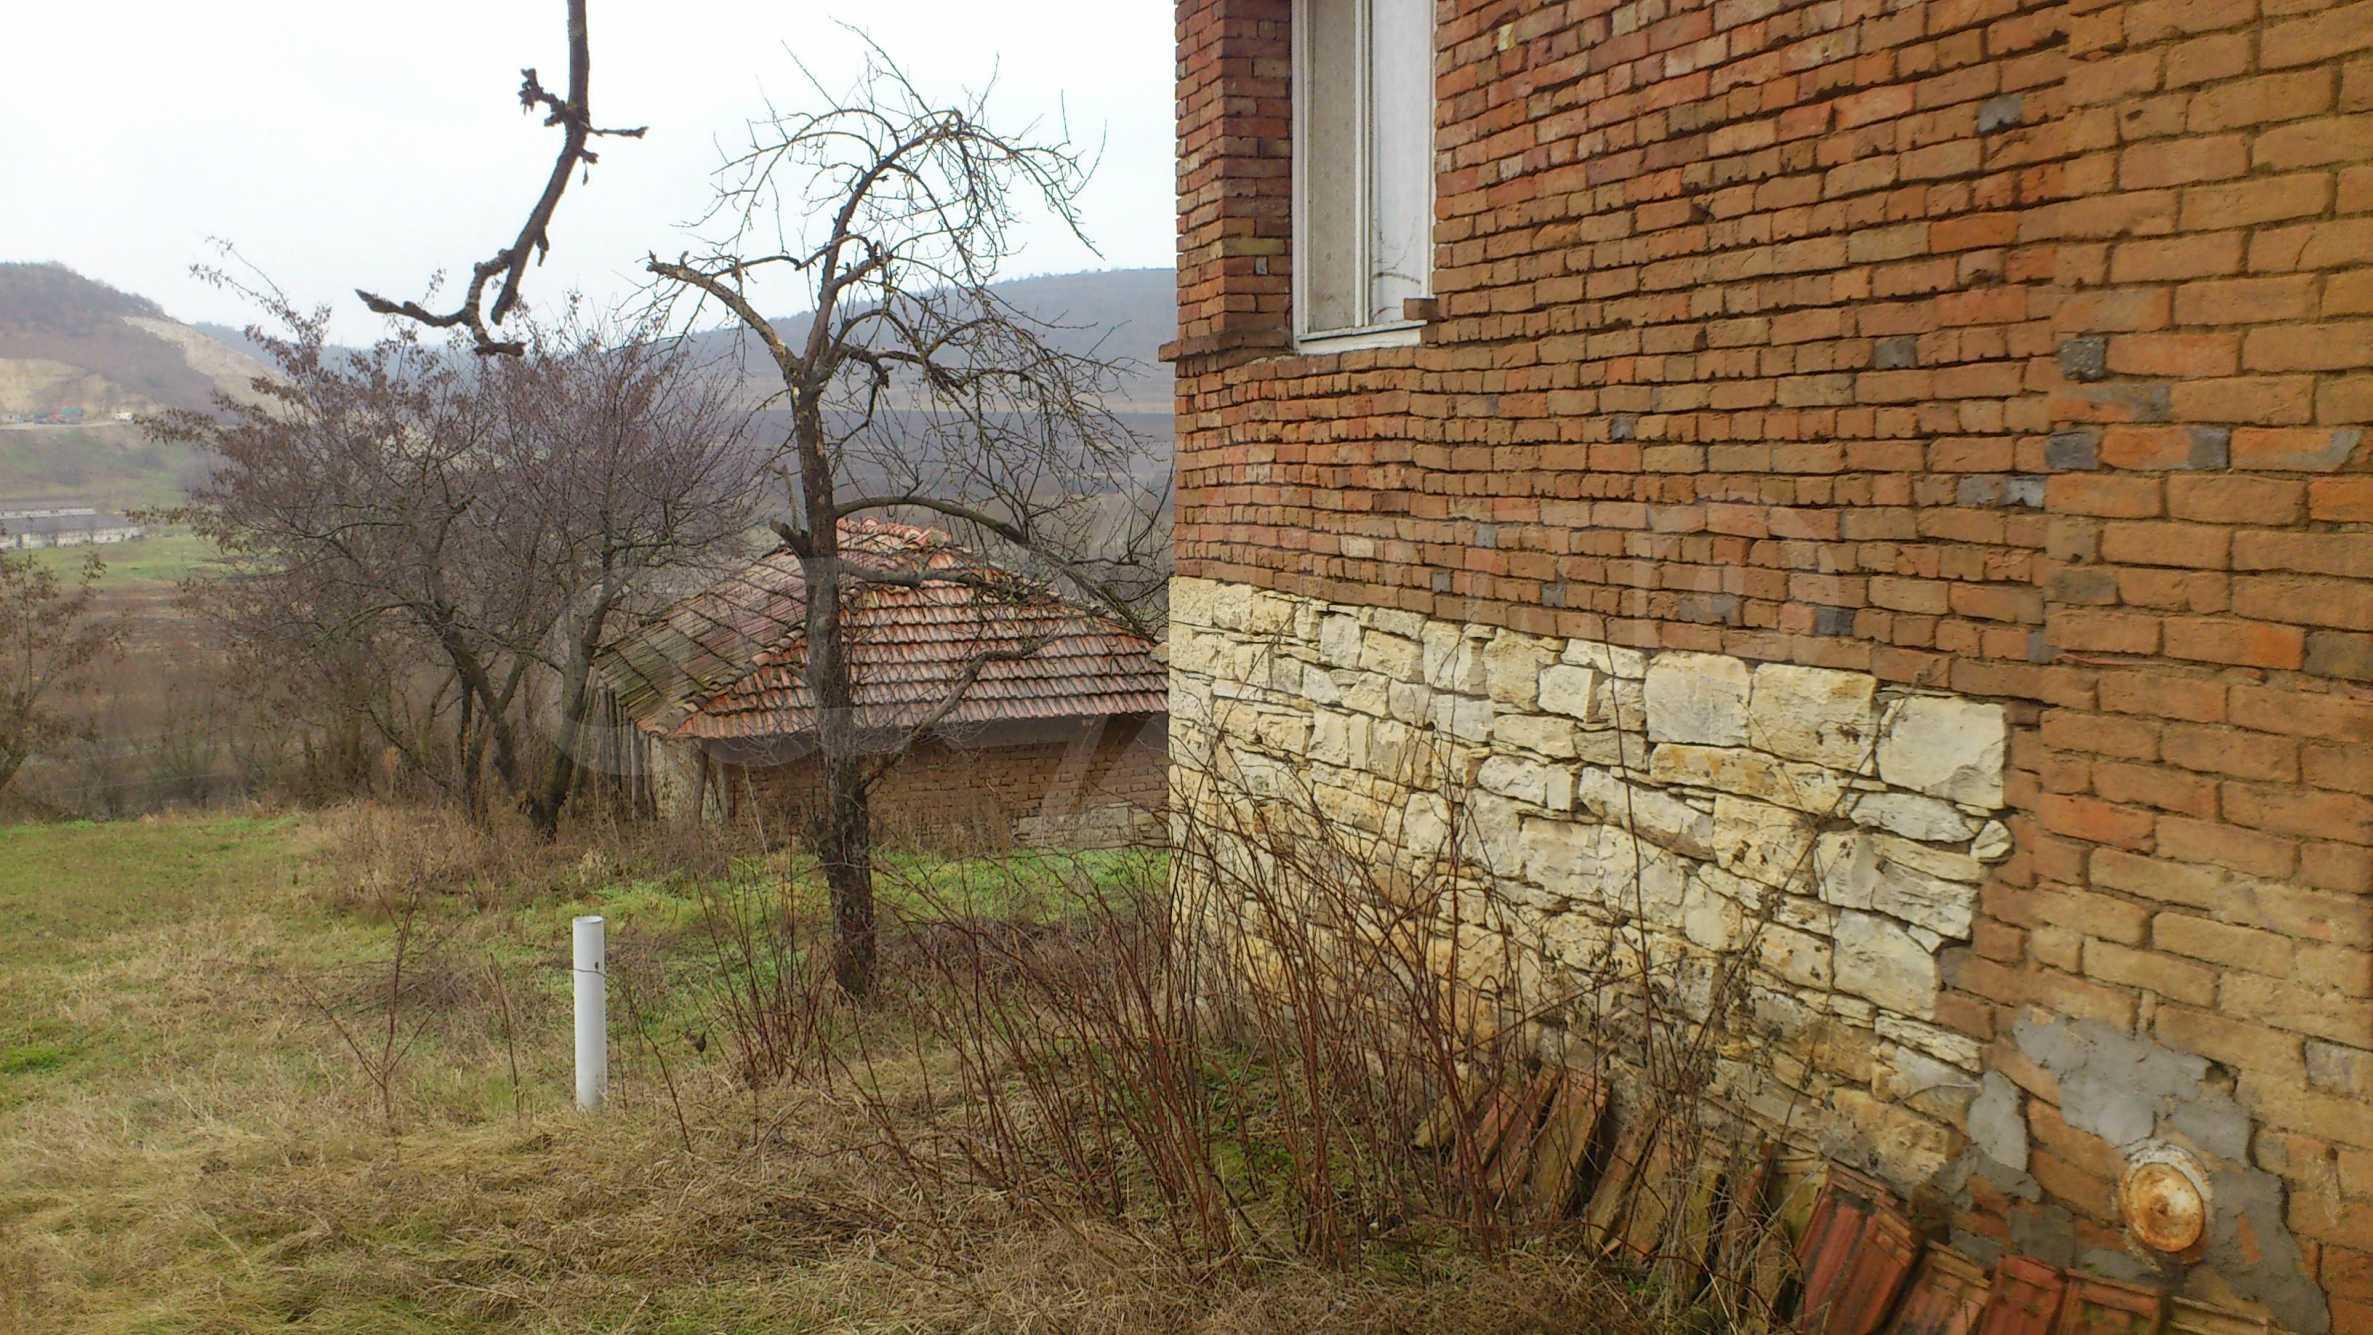 Großes Haus in einem schönen Dorf 29